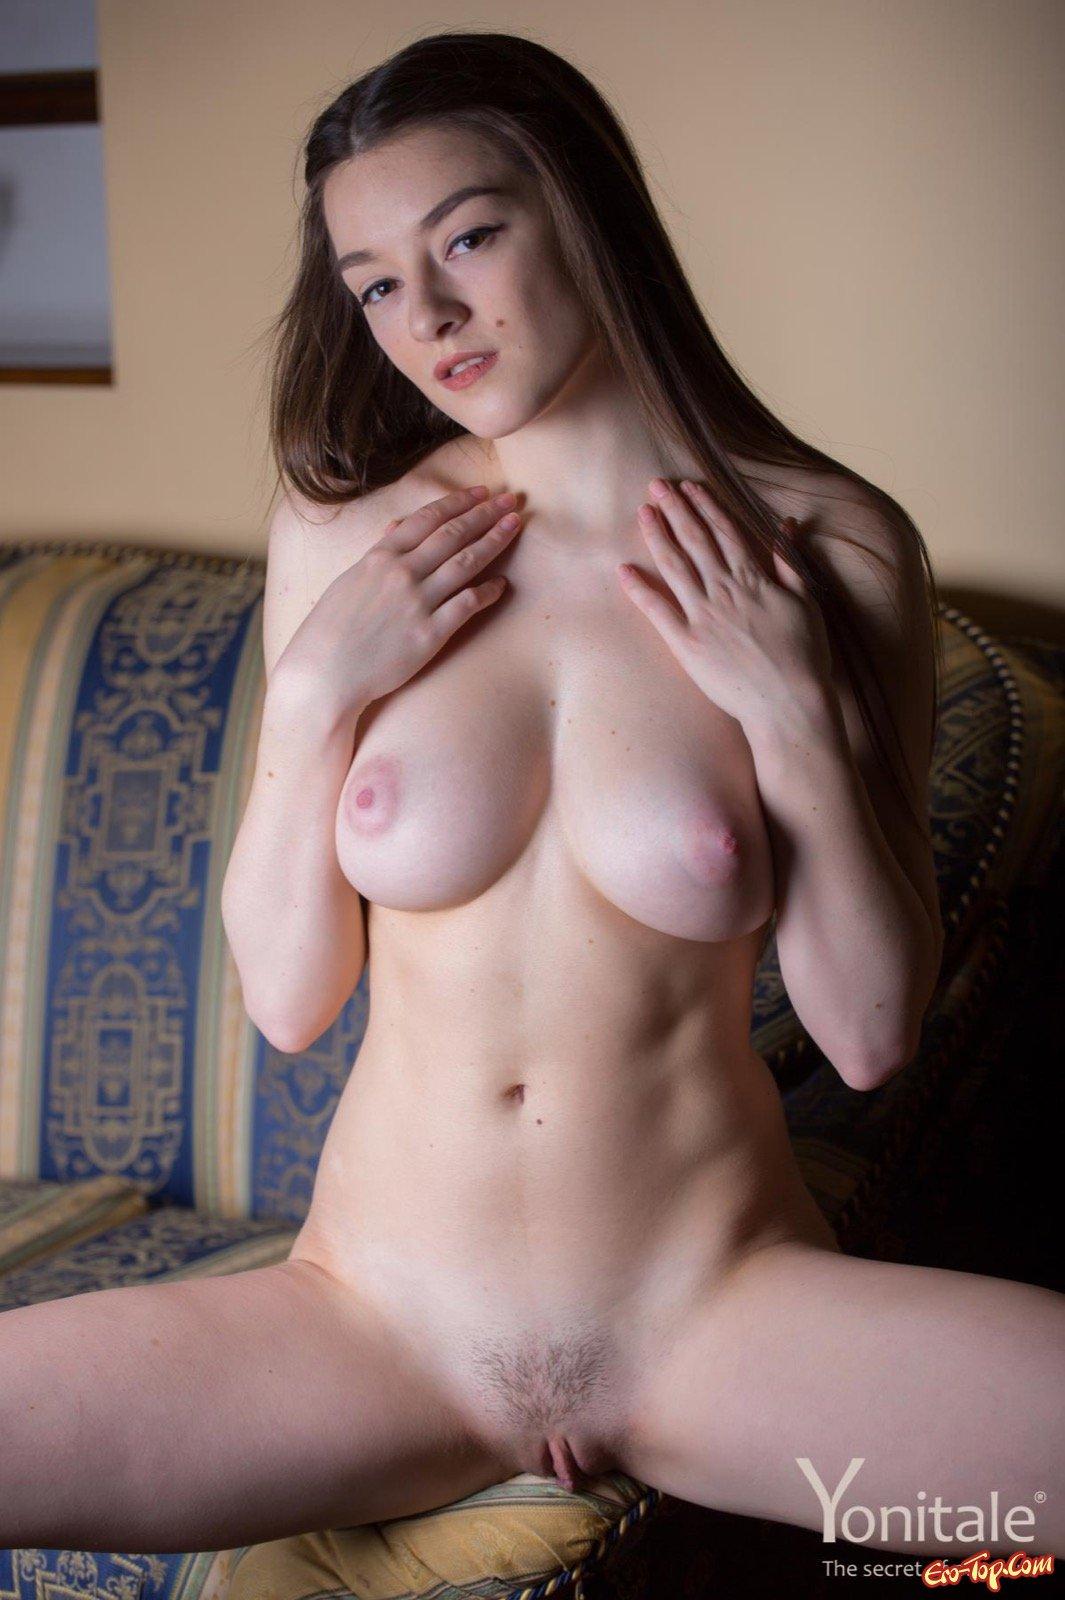 Молоденькая сучка оголила гигантскую натуральную грудь